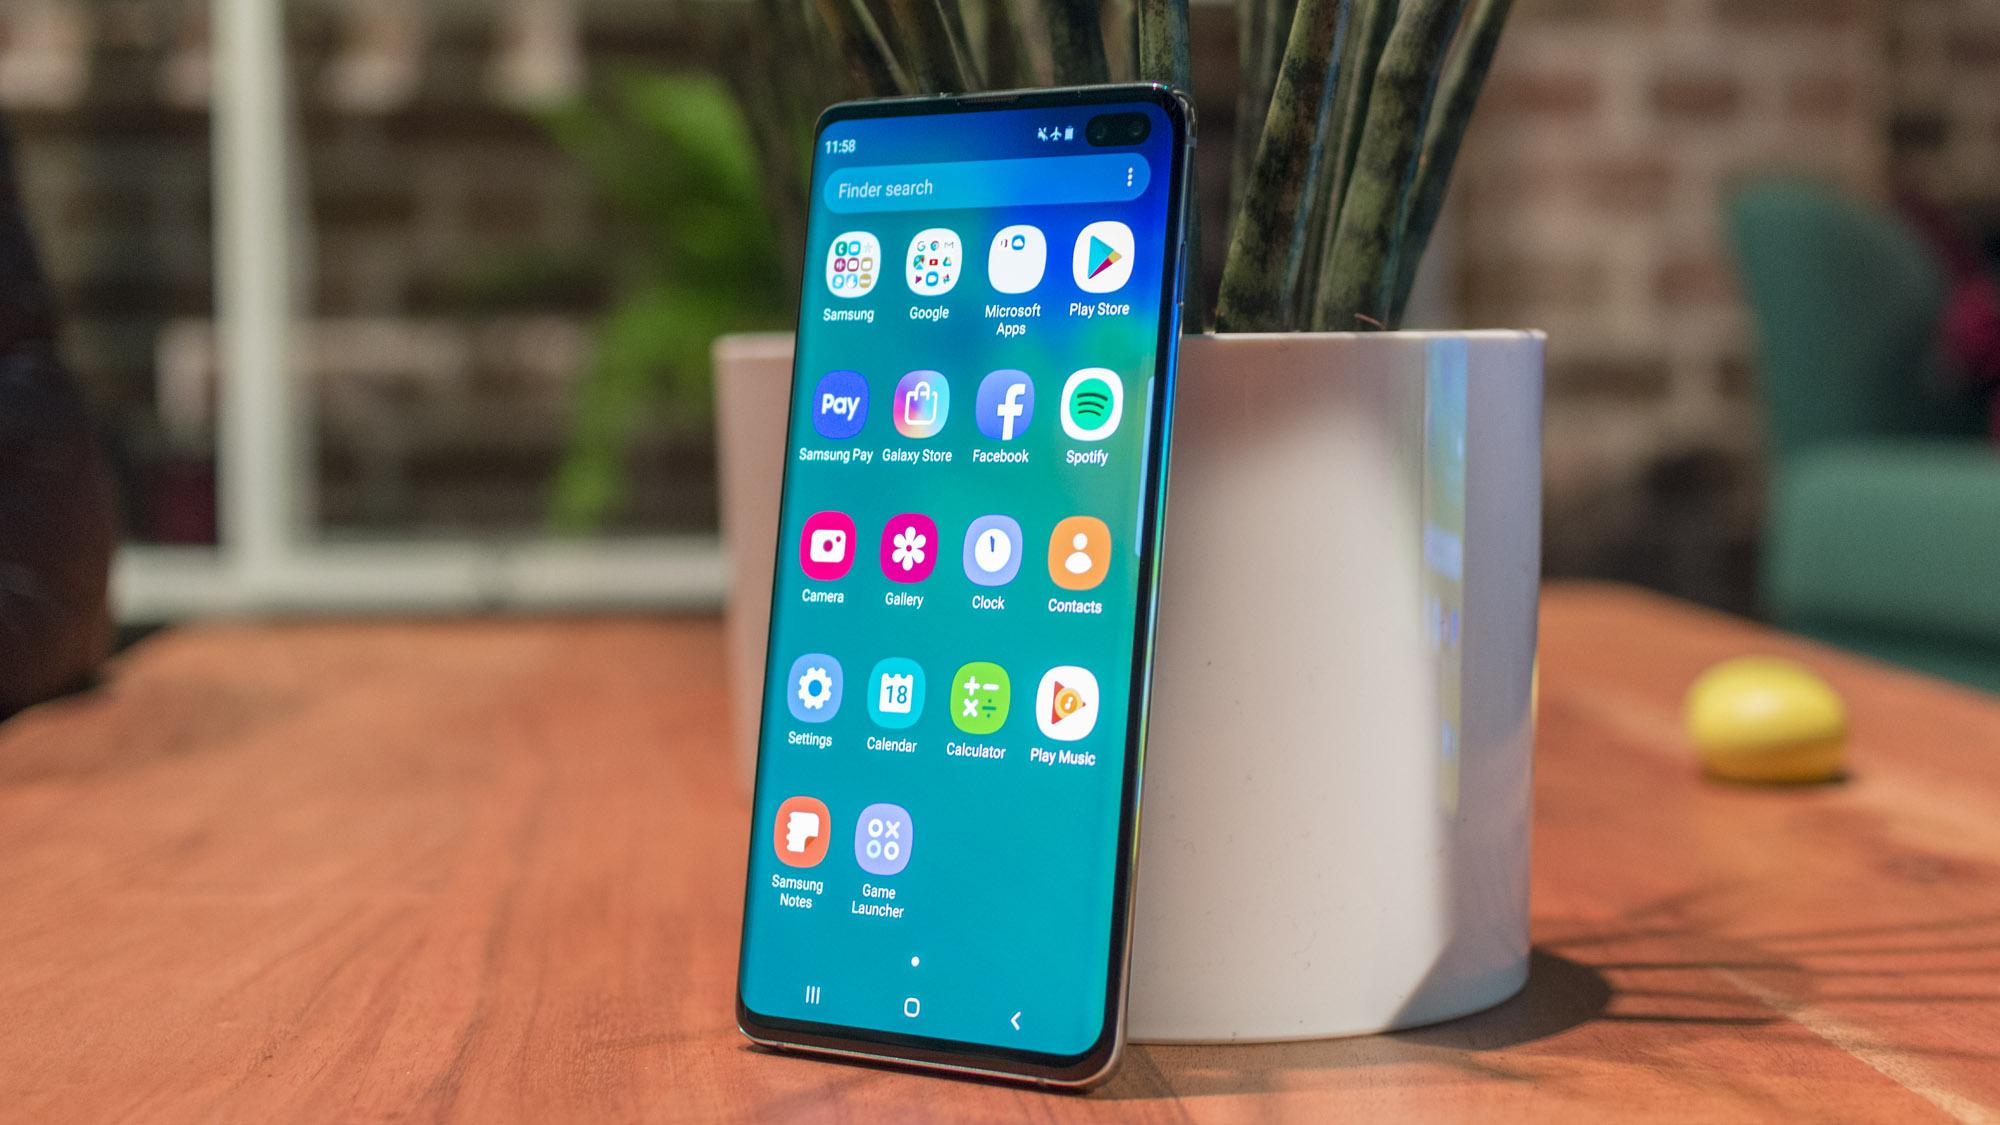 أفضل اعشر تقنيات وأحدث 10 تقنيات تتمتع بها هواتف Samsung Galaxy S10 الرائدة الجديدة